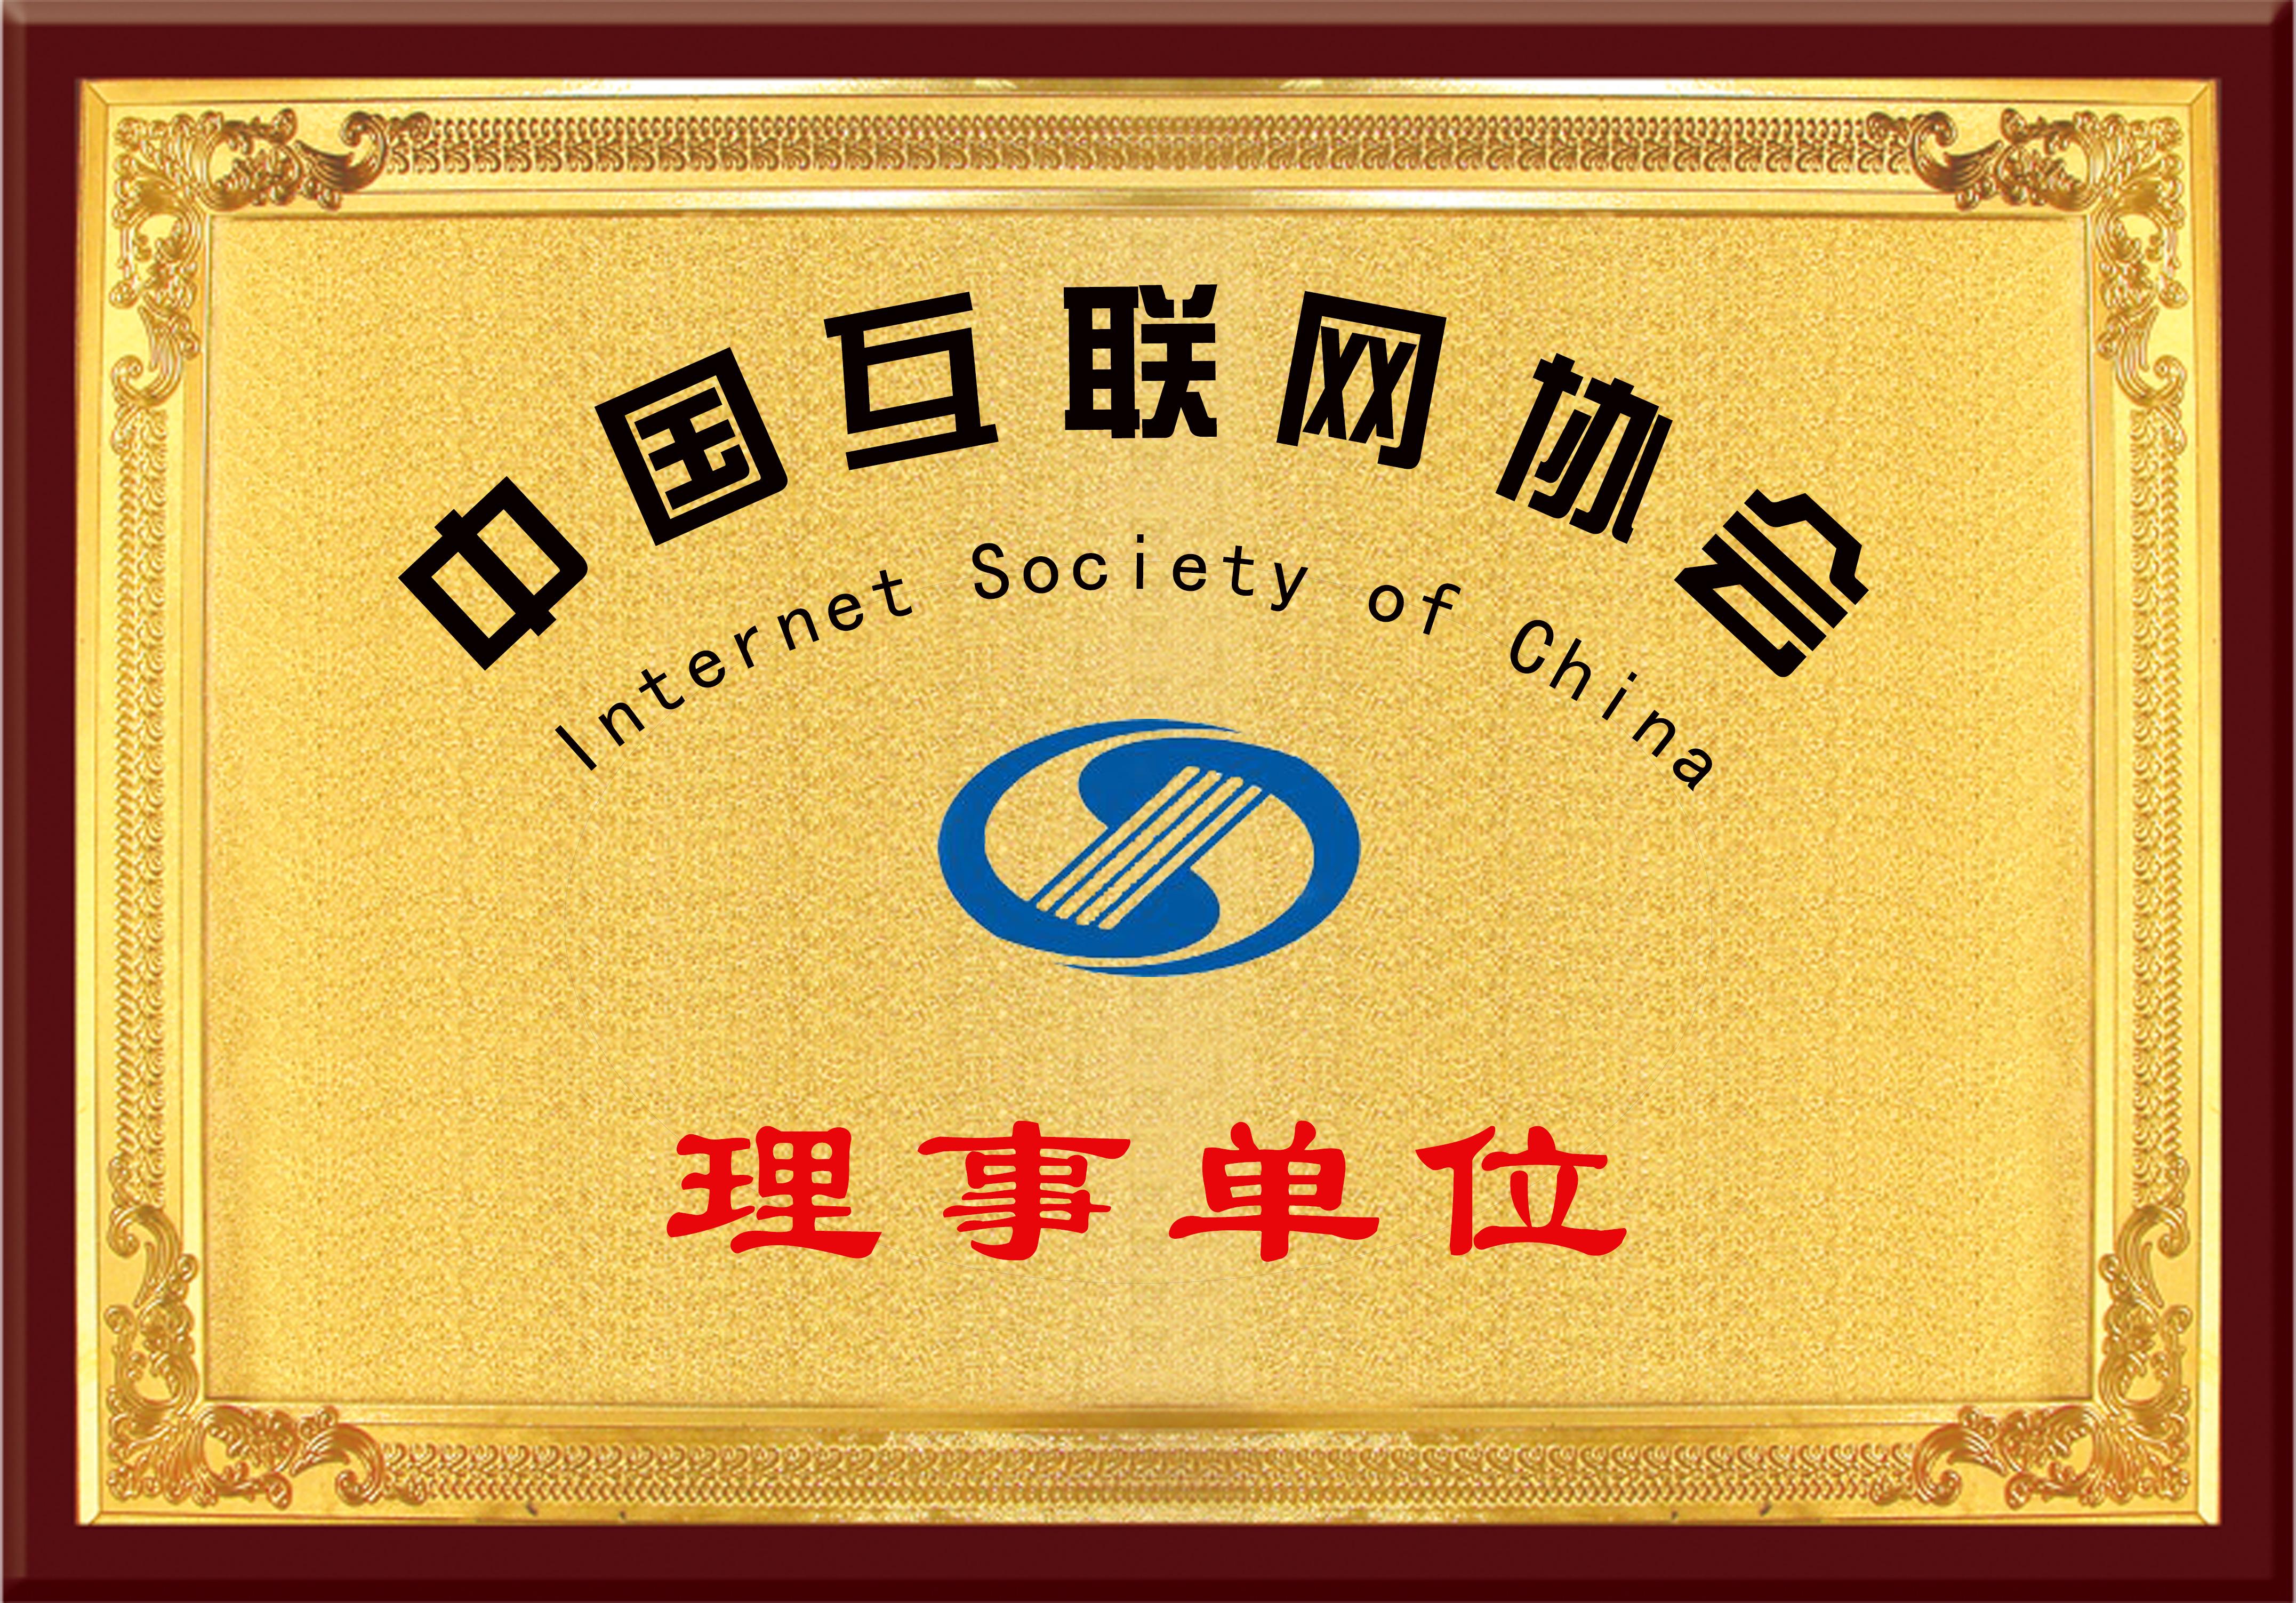 中国互联网协会理事单位铜牌.jpg